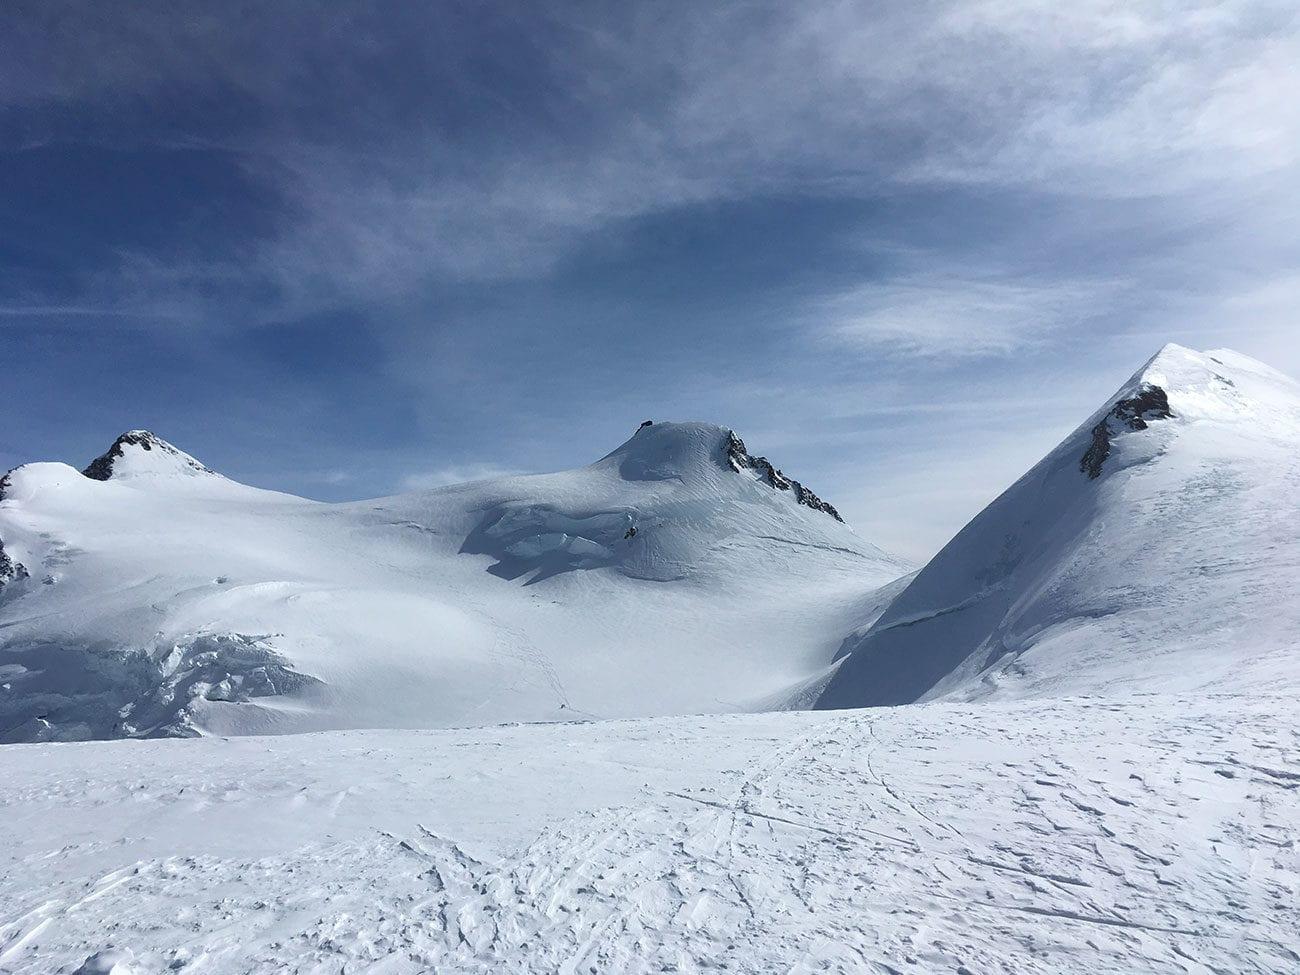 sommets du mont rose et glacier